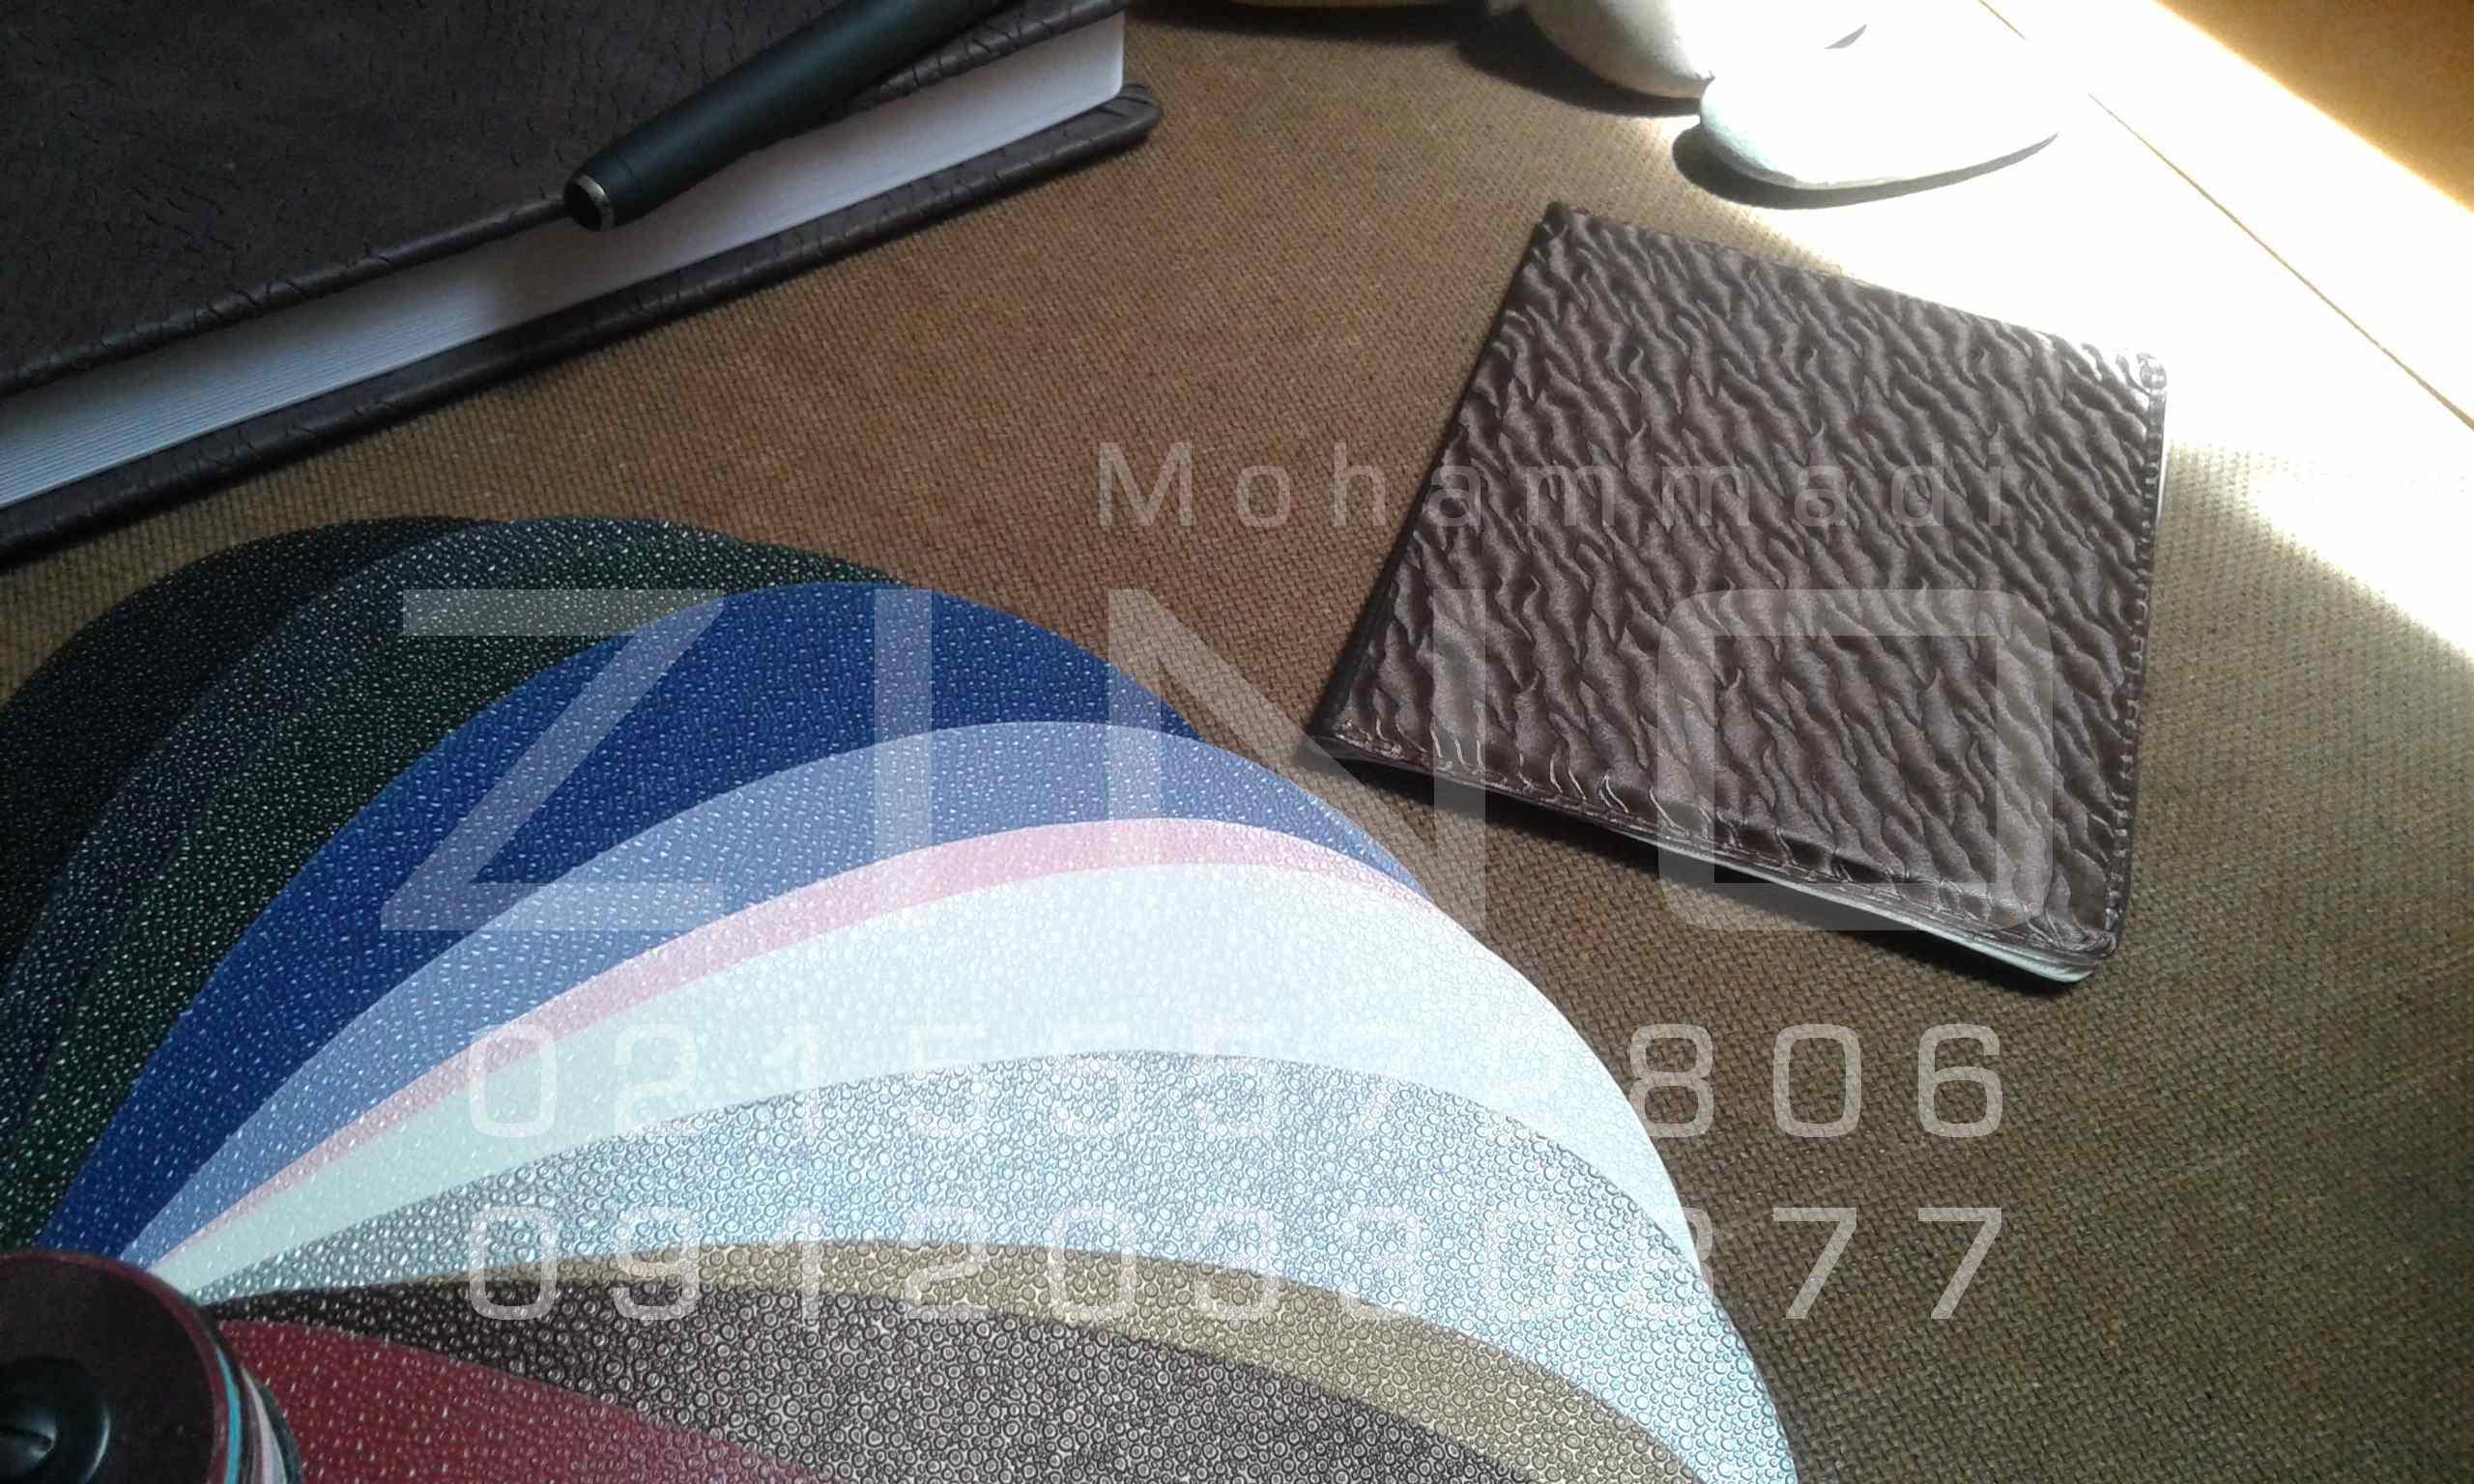 خرید کیف جلد مدارک پالتویی دوختی بوشهر